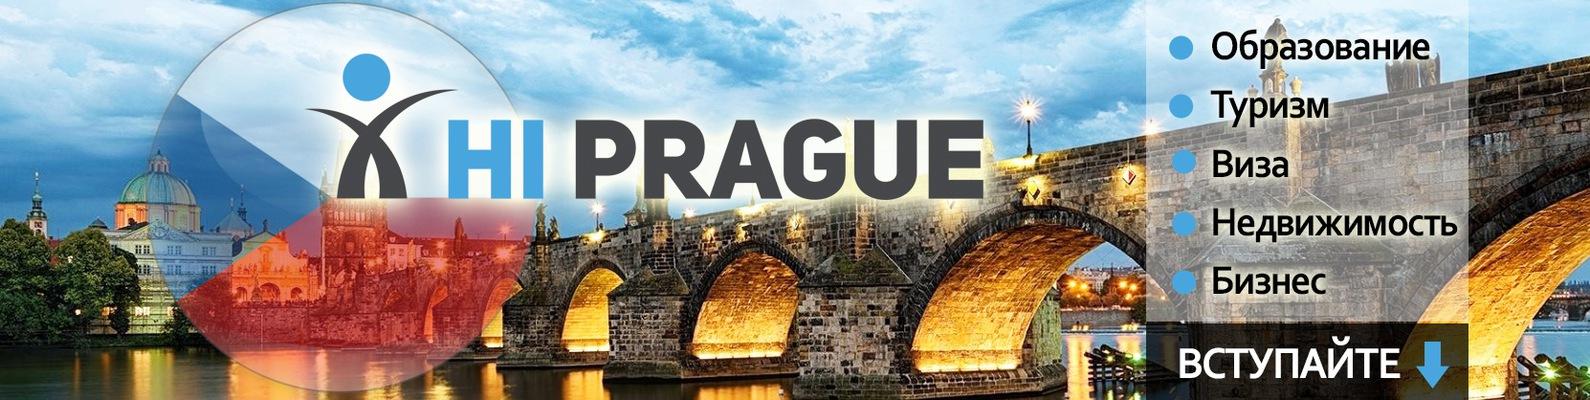 Вызов на сессию Пражская Справка об окружении Угрешская